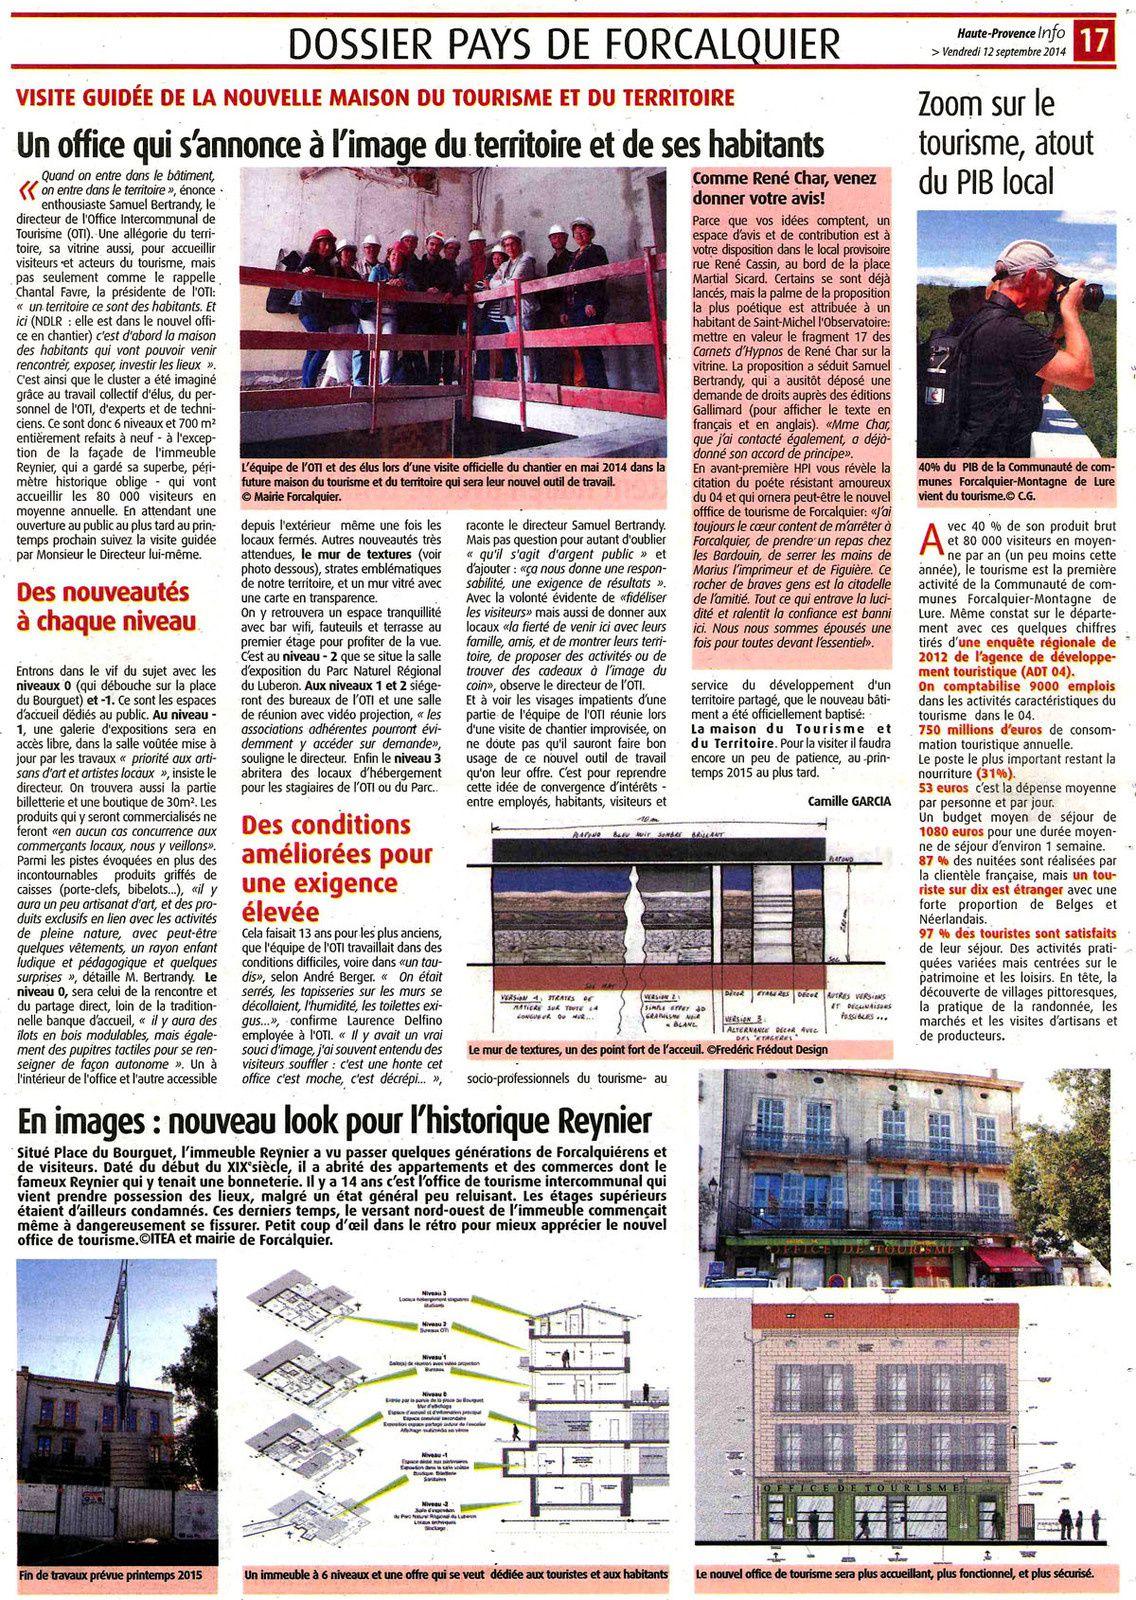 Article de presse sur le Cluster touristique de Forcalquier - Montagne de Lure